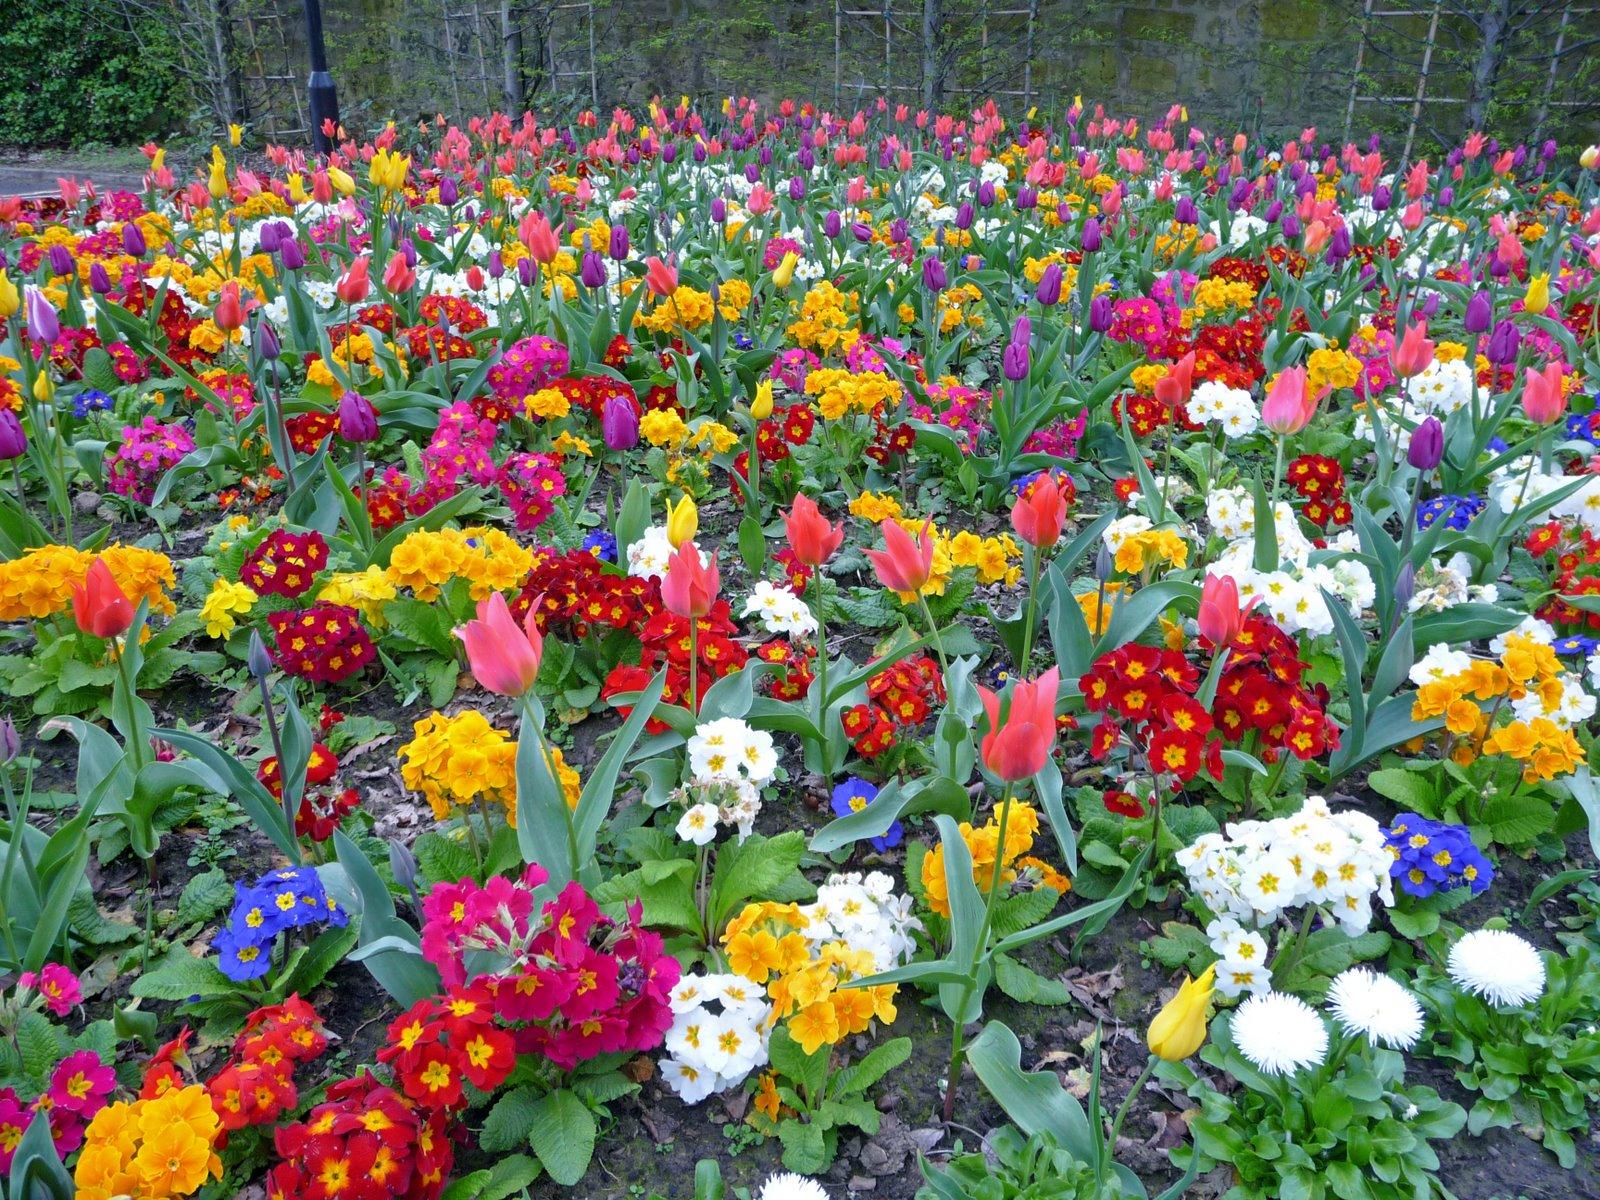 Hình ảnh vườn hoa mùa xuân đẹp (2)